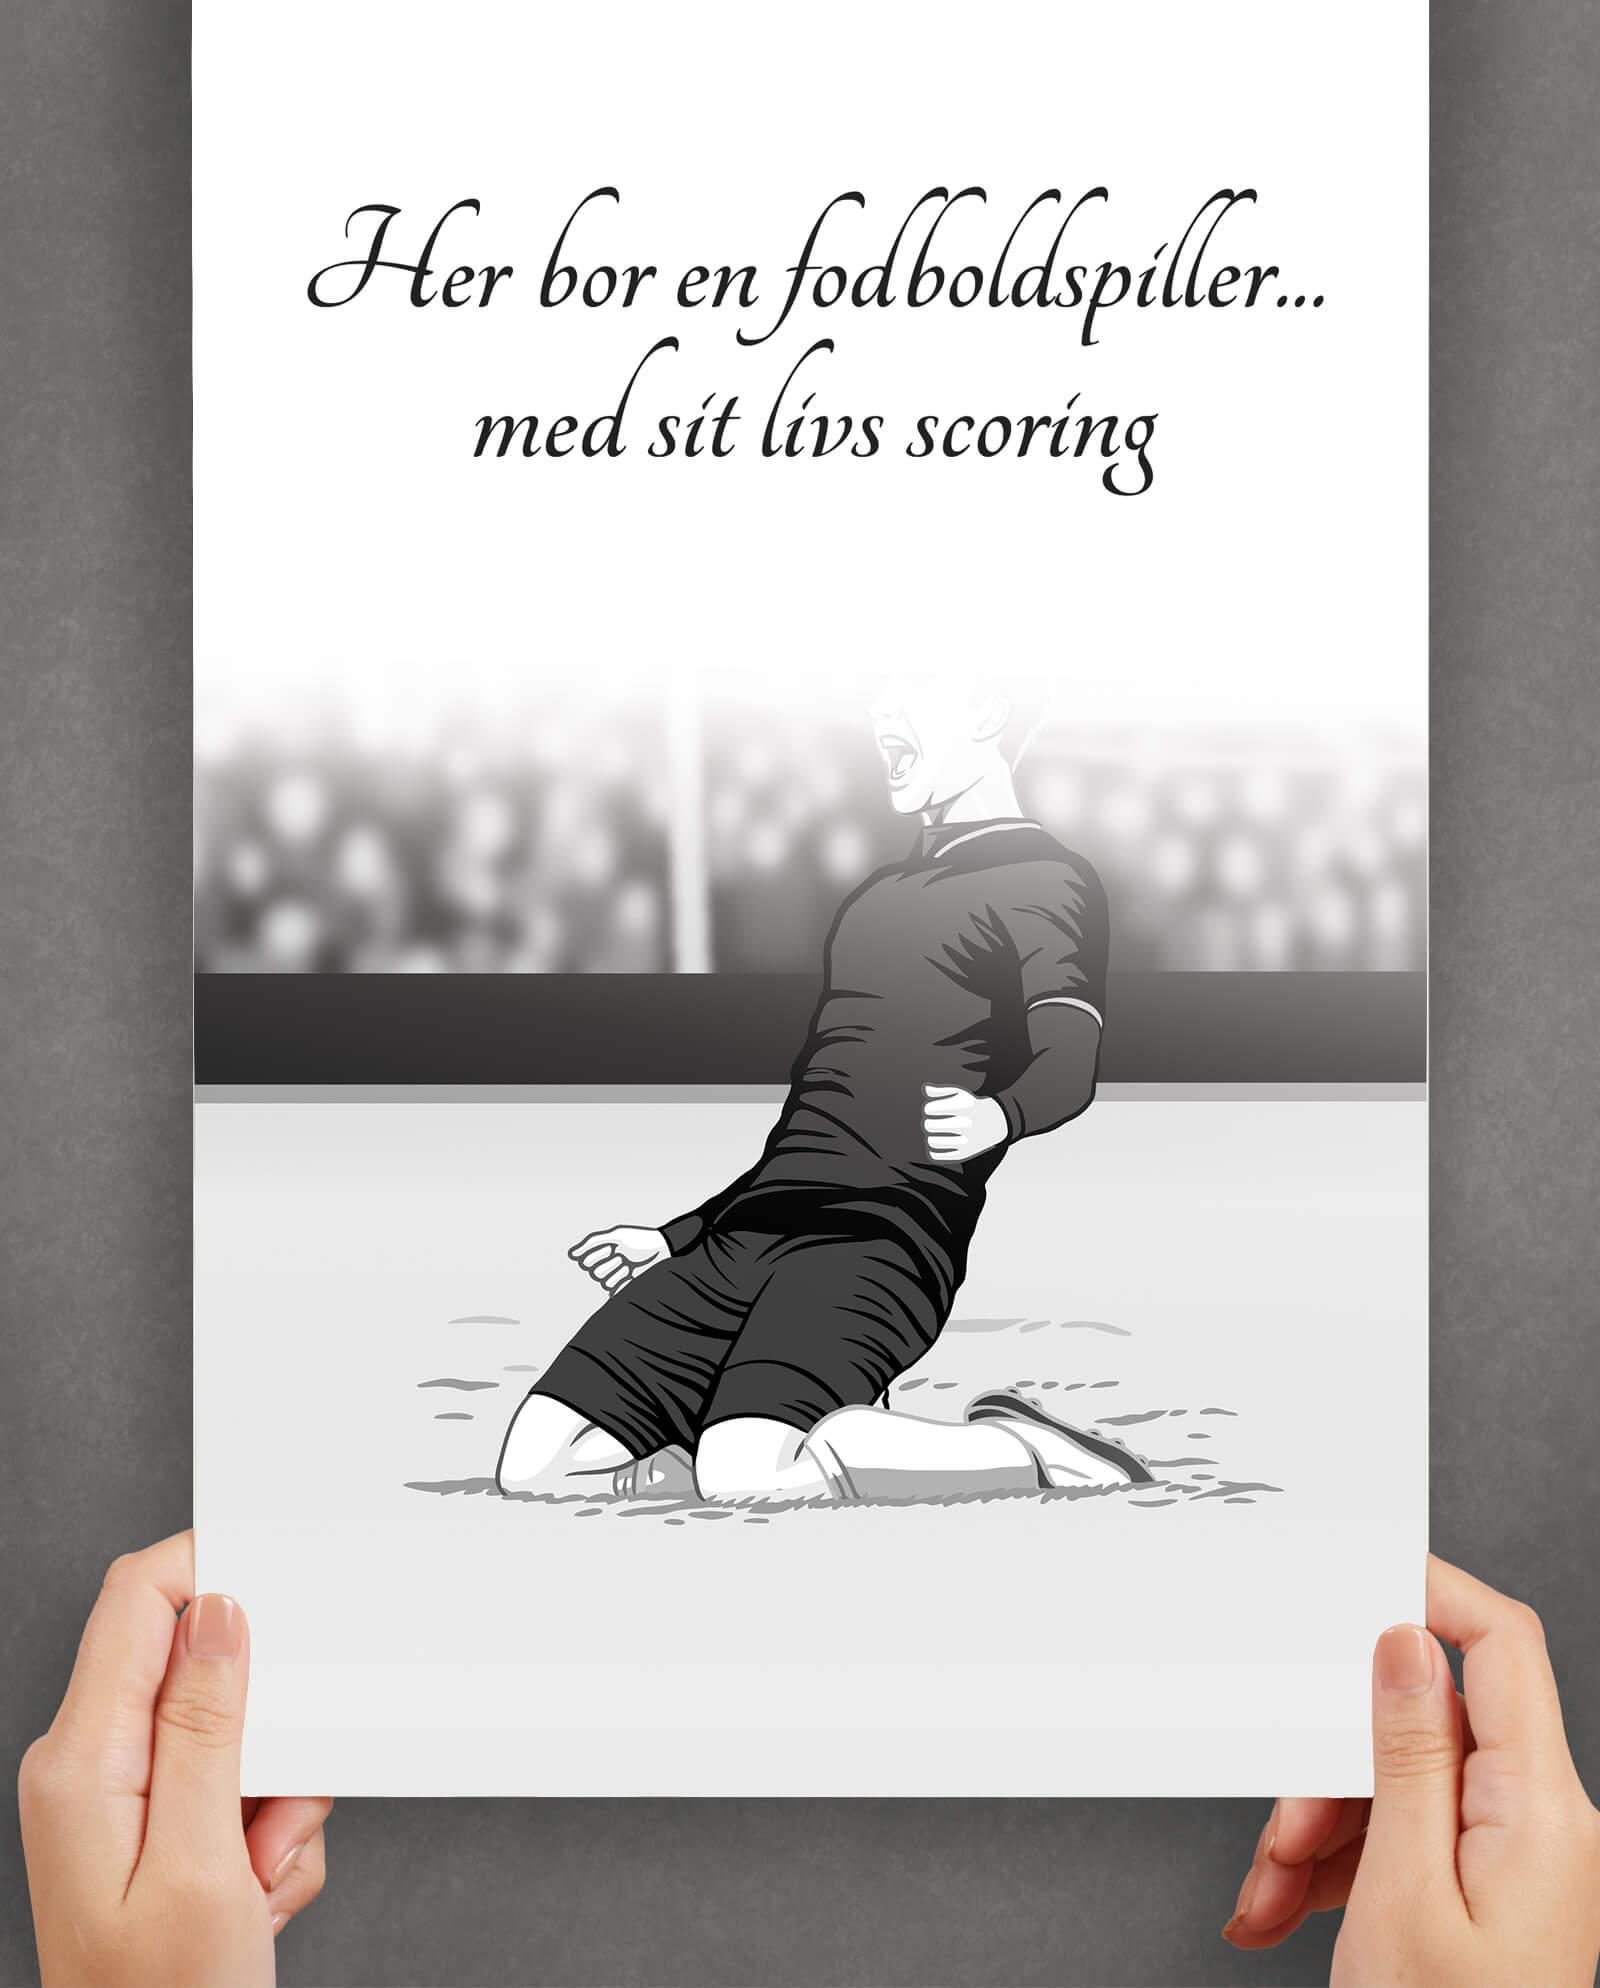 fodboldspiller-arbejde-plakat-1